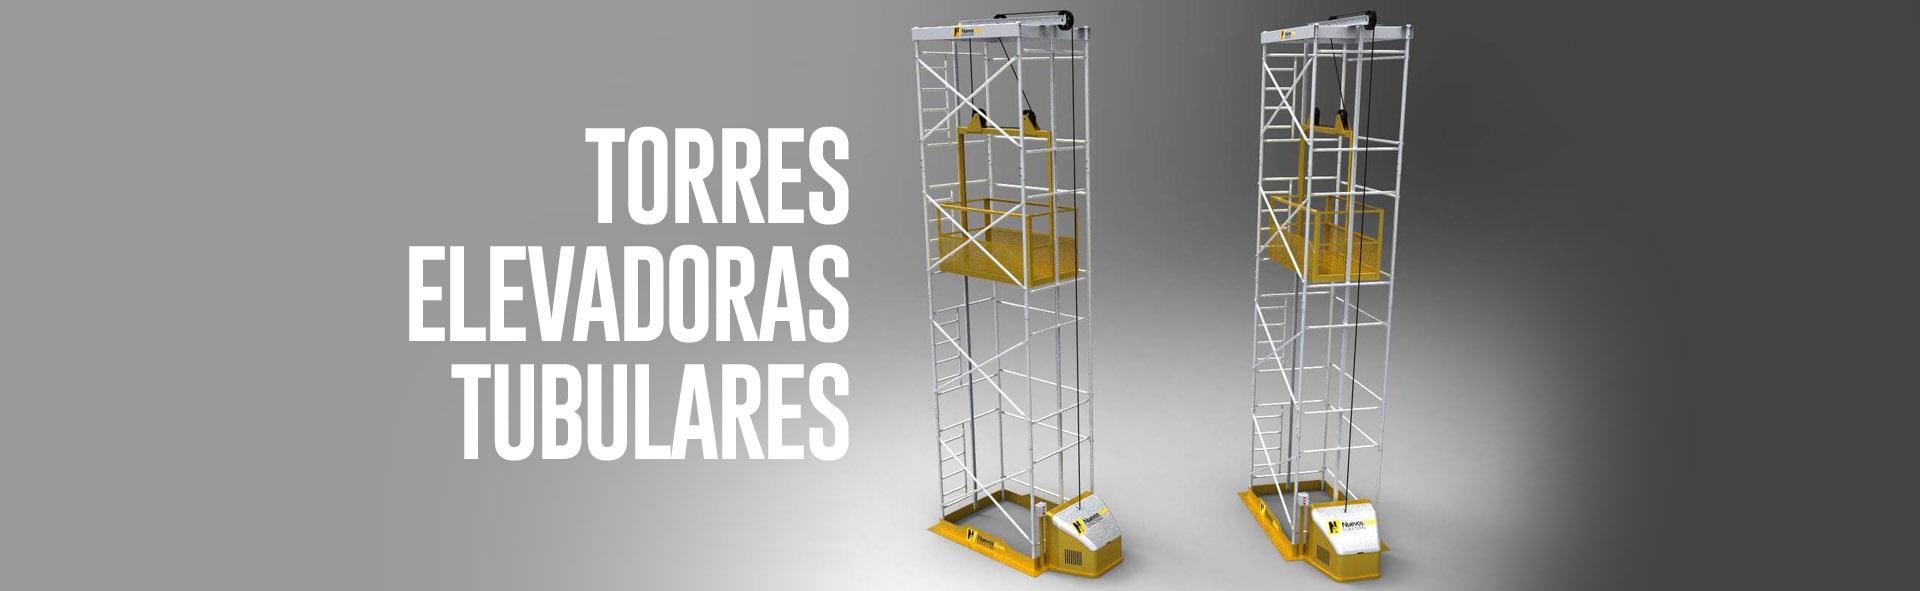 005 – torres elevadoras tubulares nuevos aires net